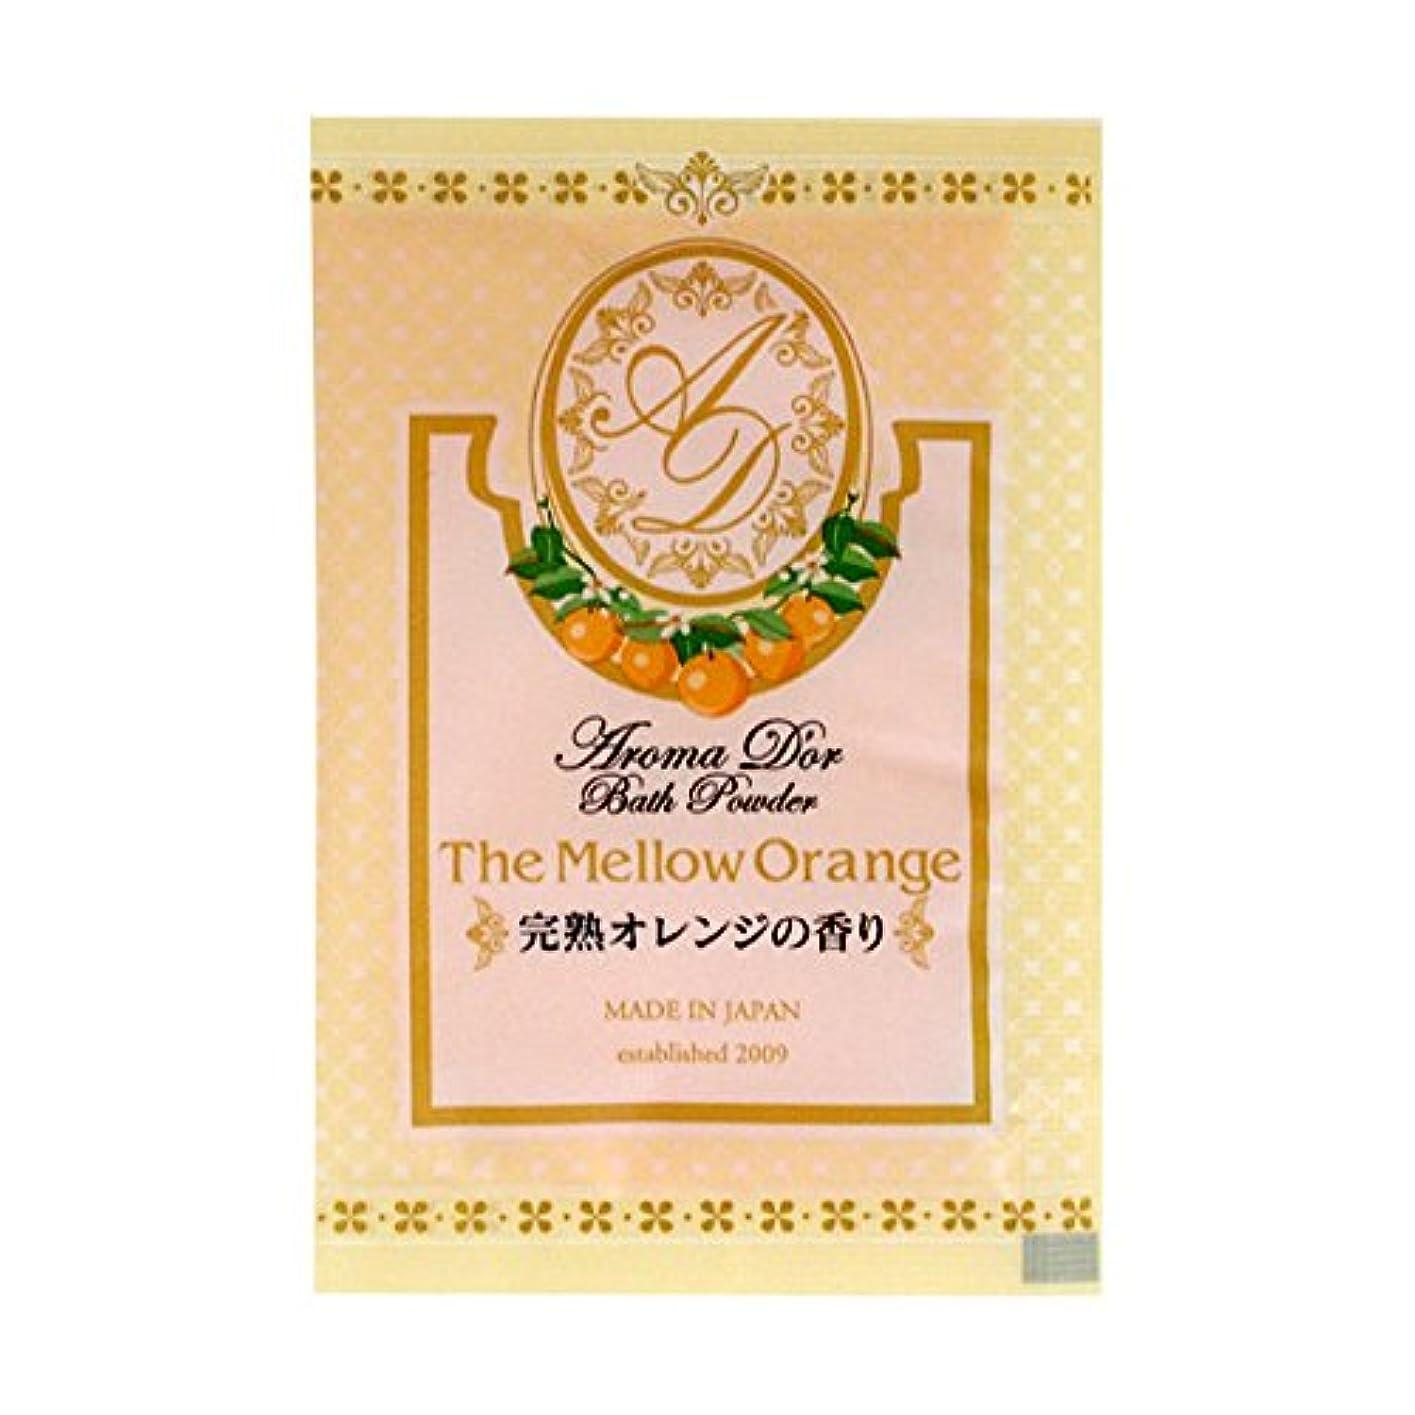 リンケージ学習者余韻入浴剤 アロマドールバスパウダー 「完熟オレンジの香り」30個